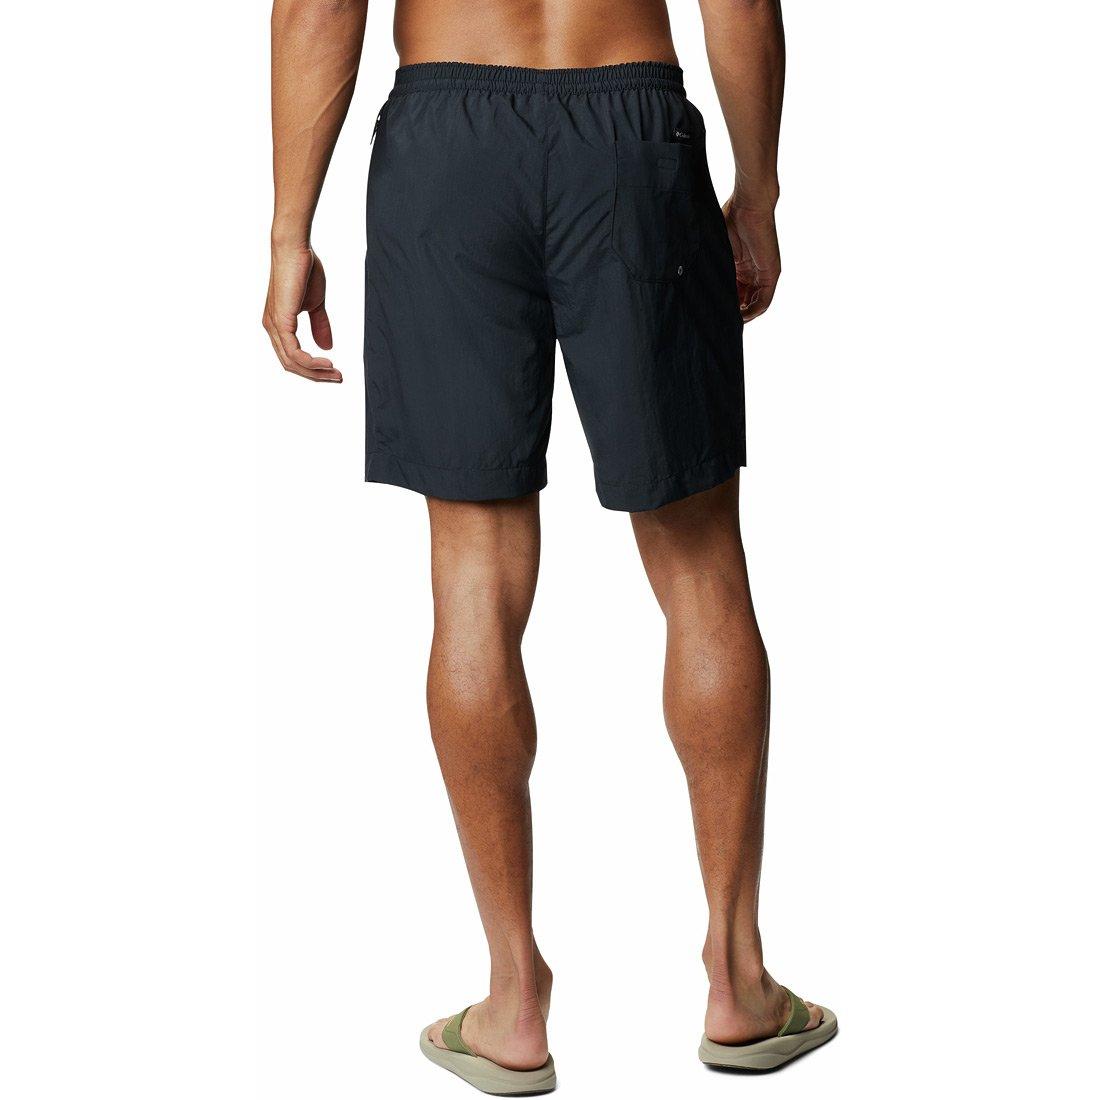 מכנסיים קצרים ובגד ים לגברים - M Summerdry Short - Columbia